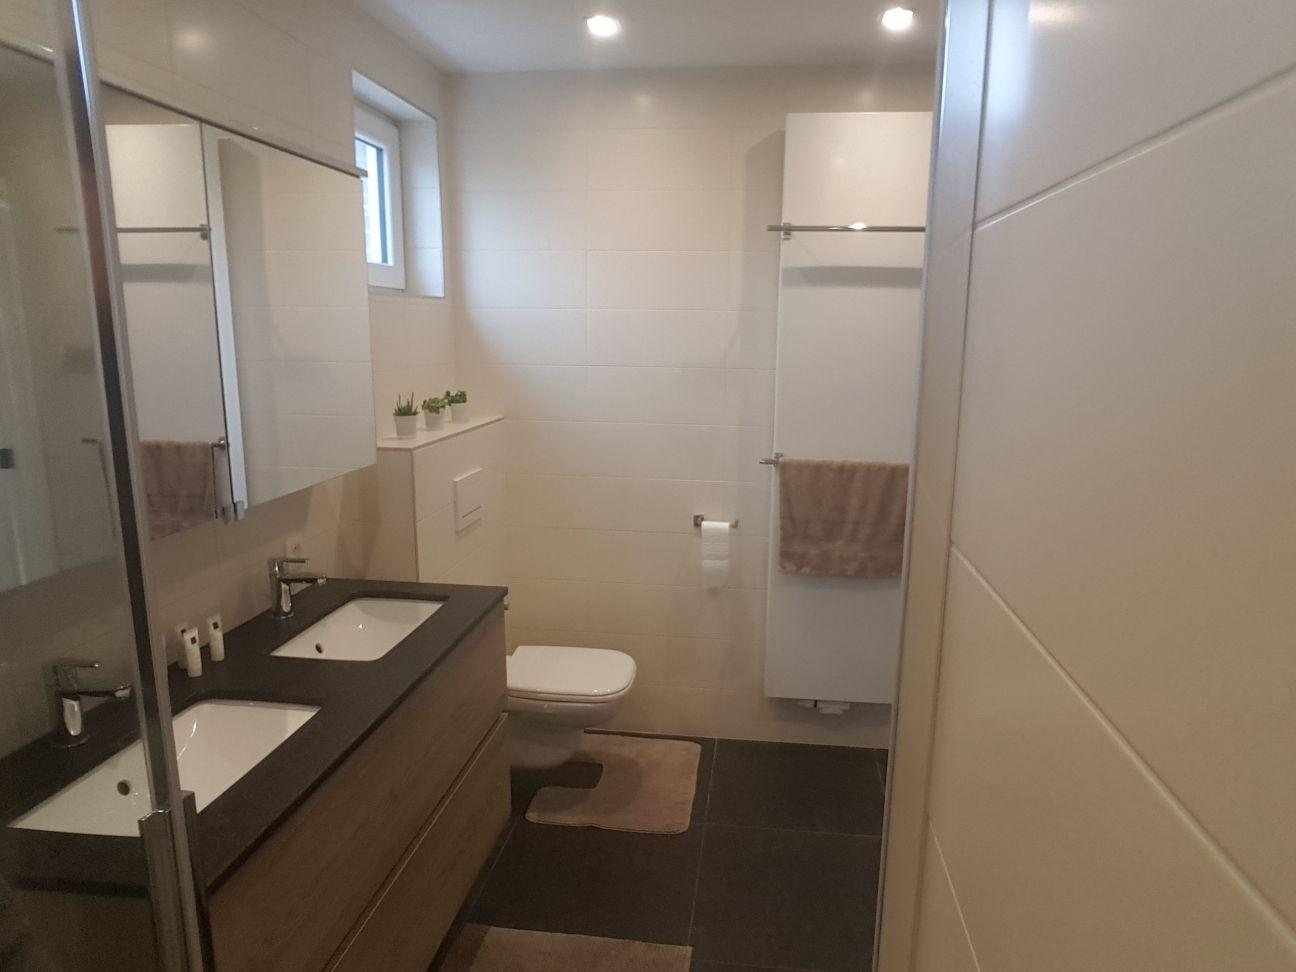 Interieur Natuur Badkamer : Renovatie van badkamer en ander sanitair klusdienst ser